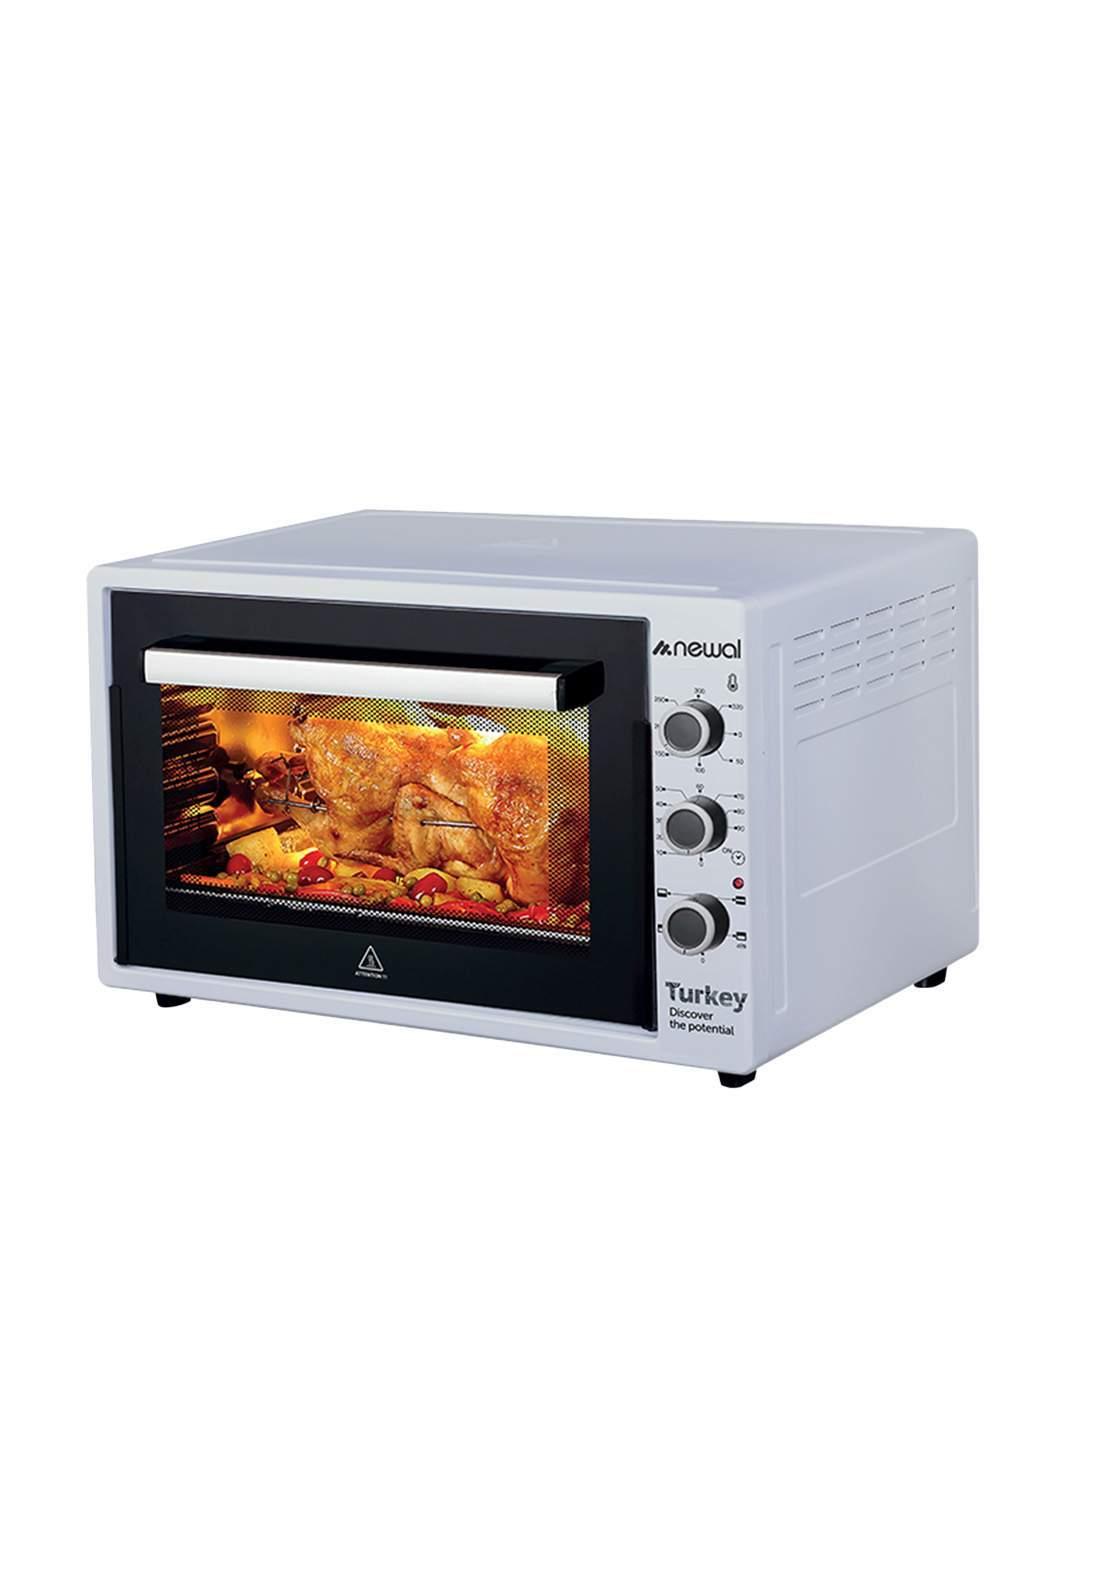 Newal Mini Oven 60L MOV-675-05 - Gray فرن كهربائي